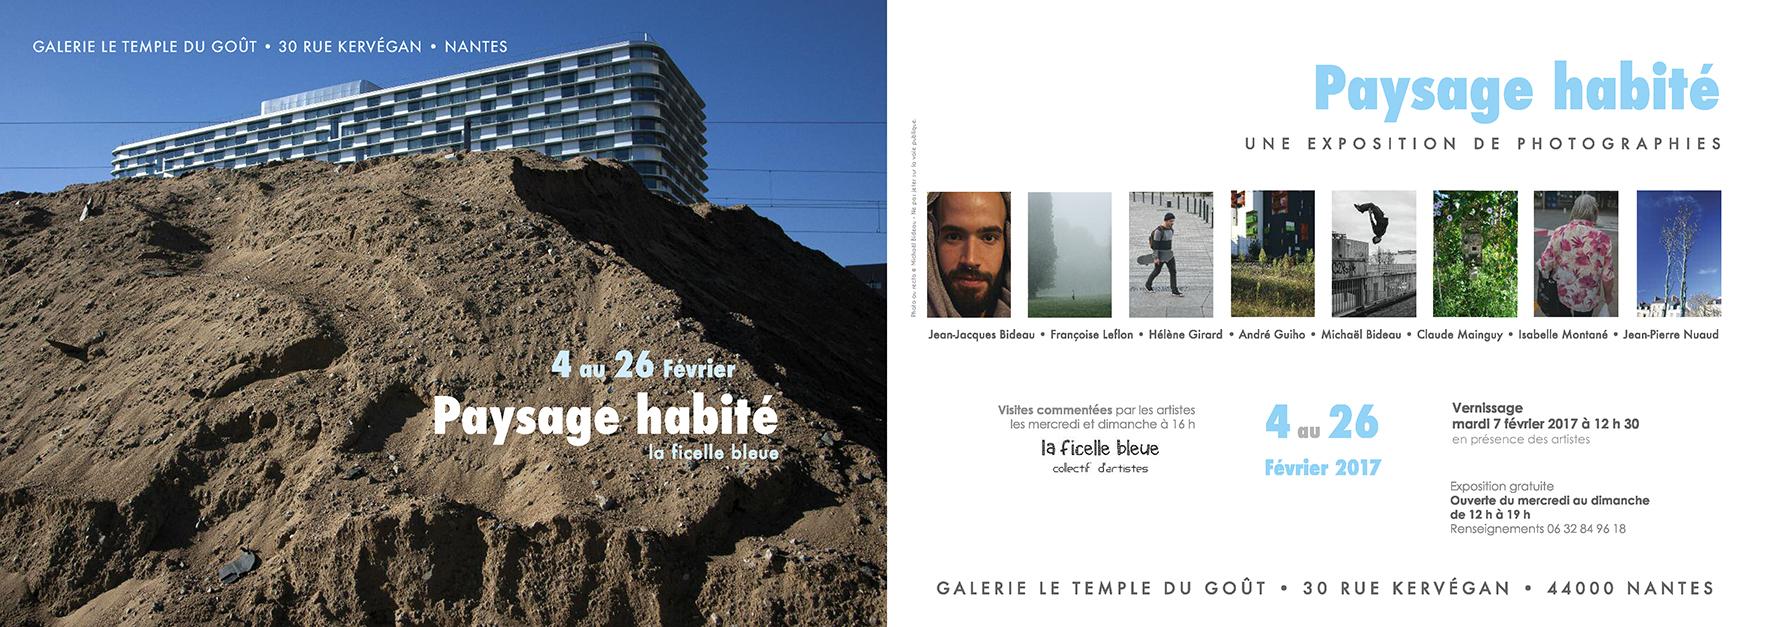 44 - Nantes • Exposition photo collective